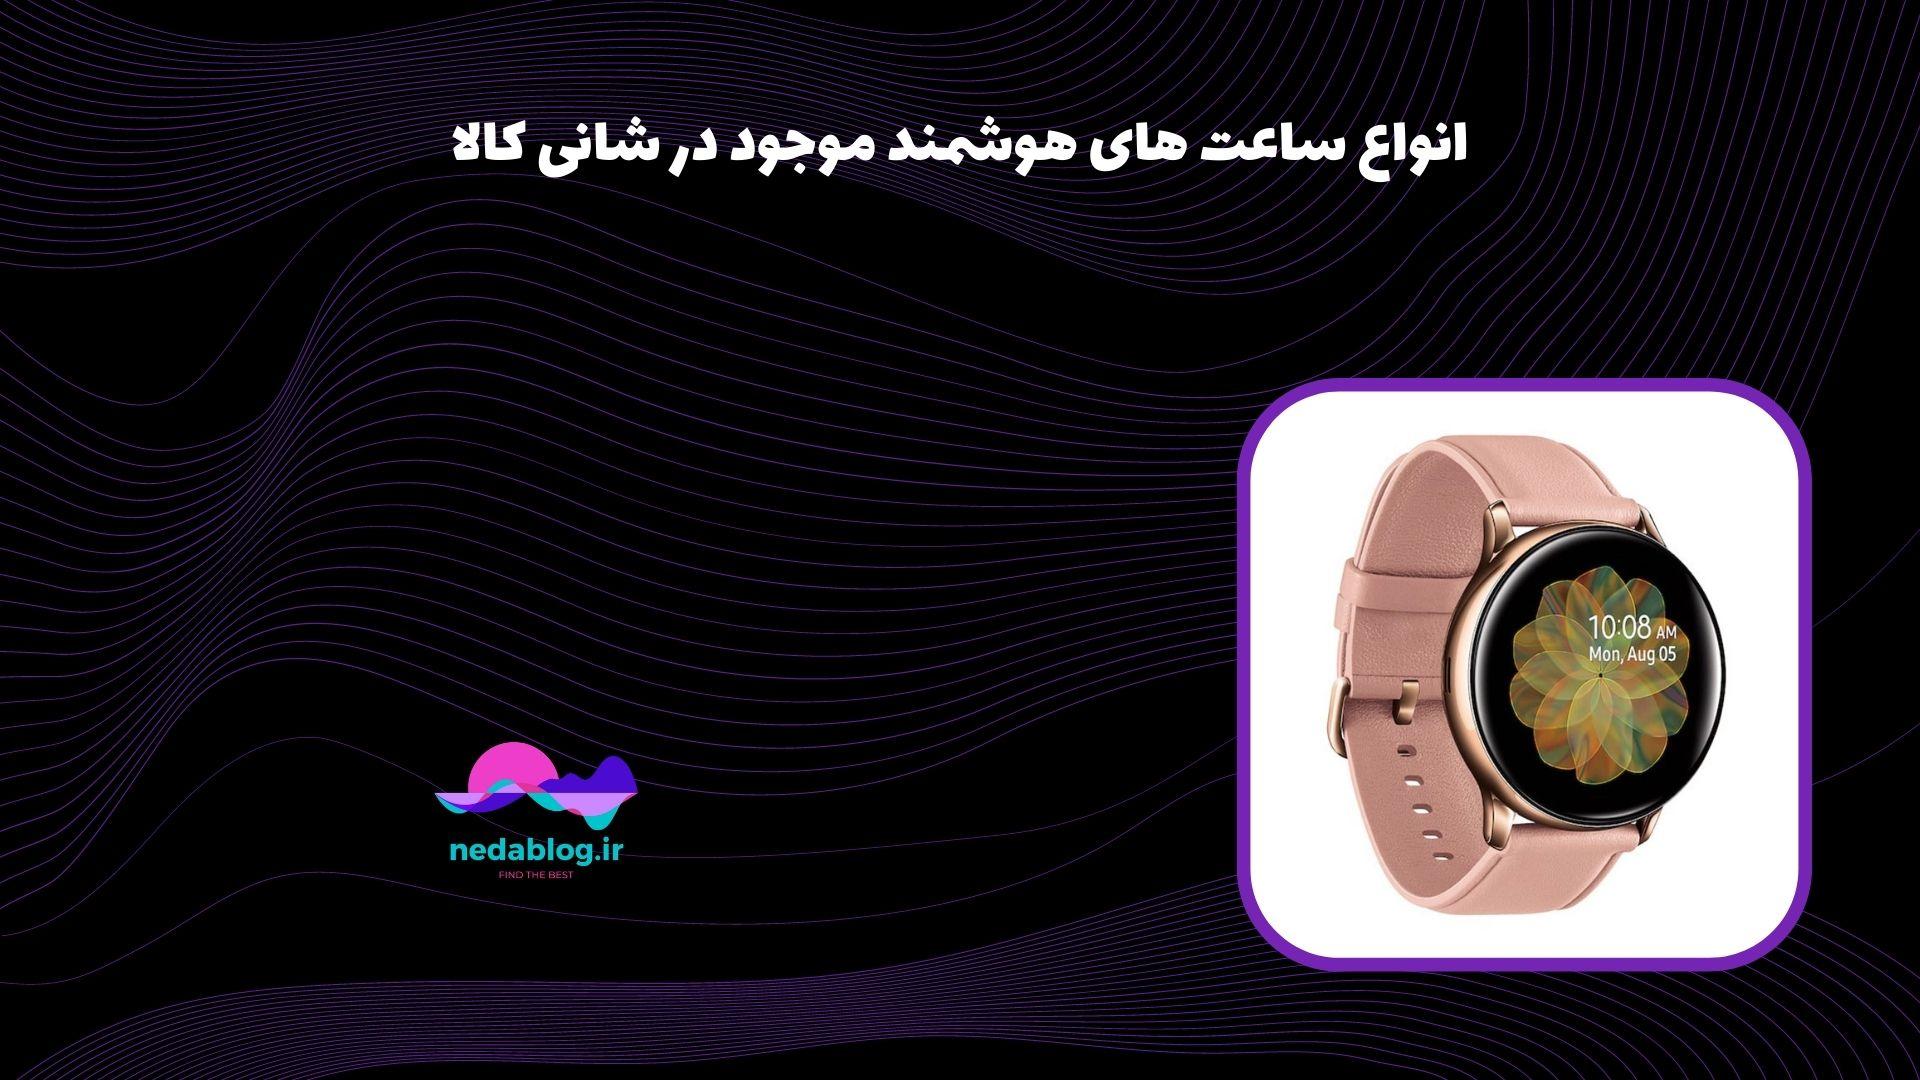 انواع ساعت های هوشمند موجود در شانی کالا